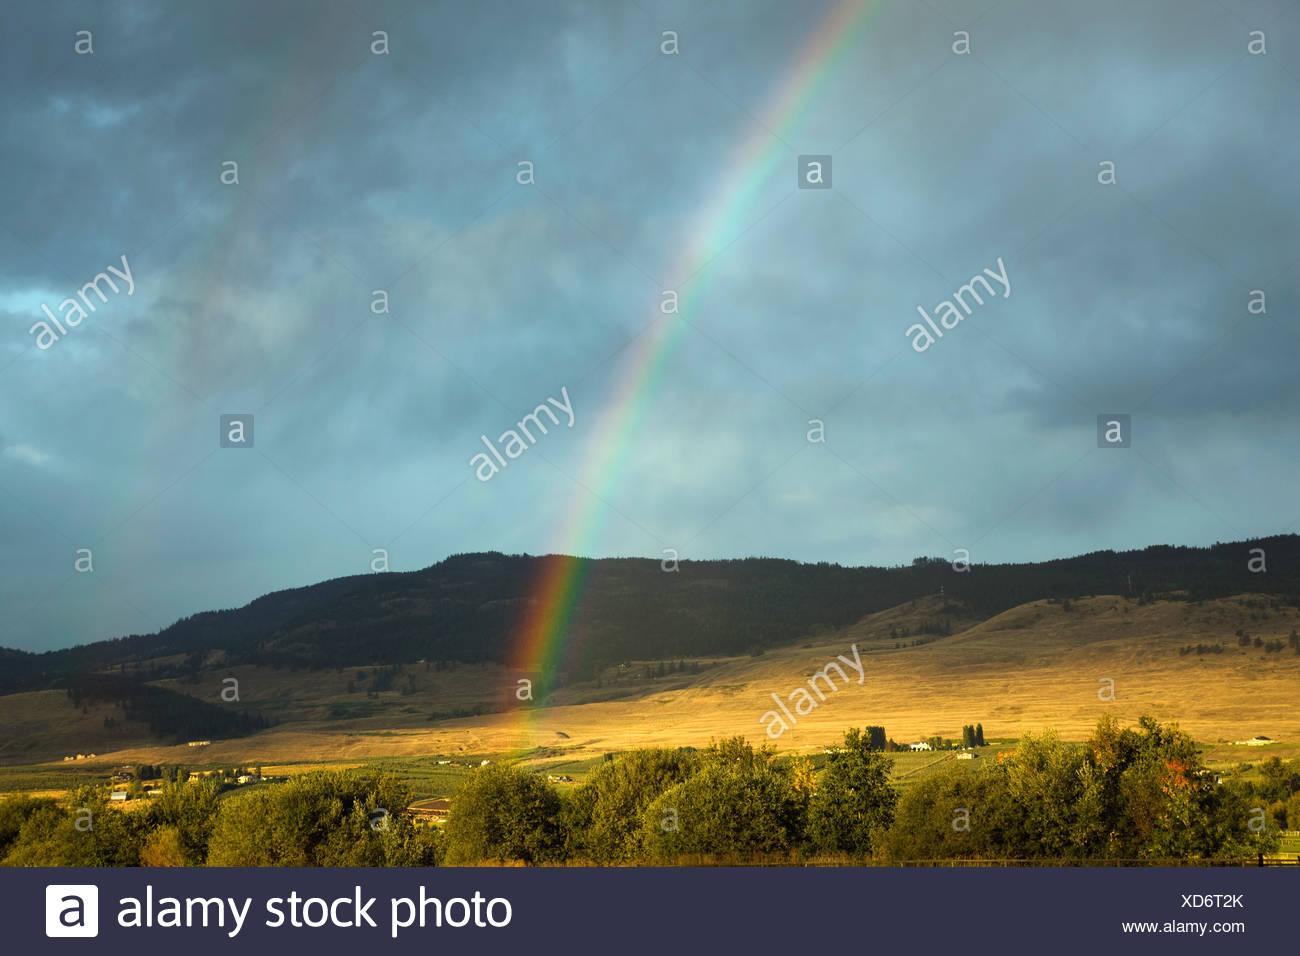 Rainbow over picturesque landscape, British Columbia, Canada - Stock Image